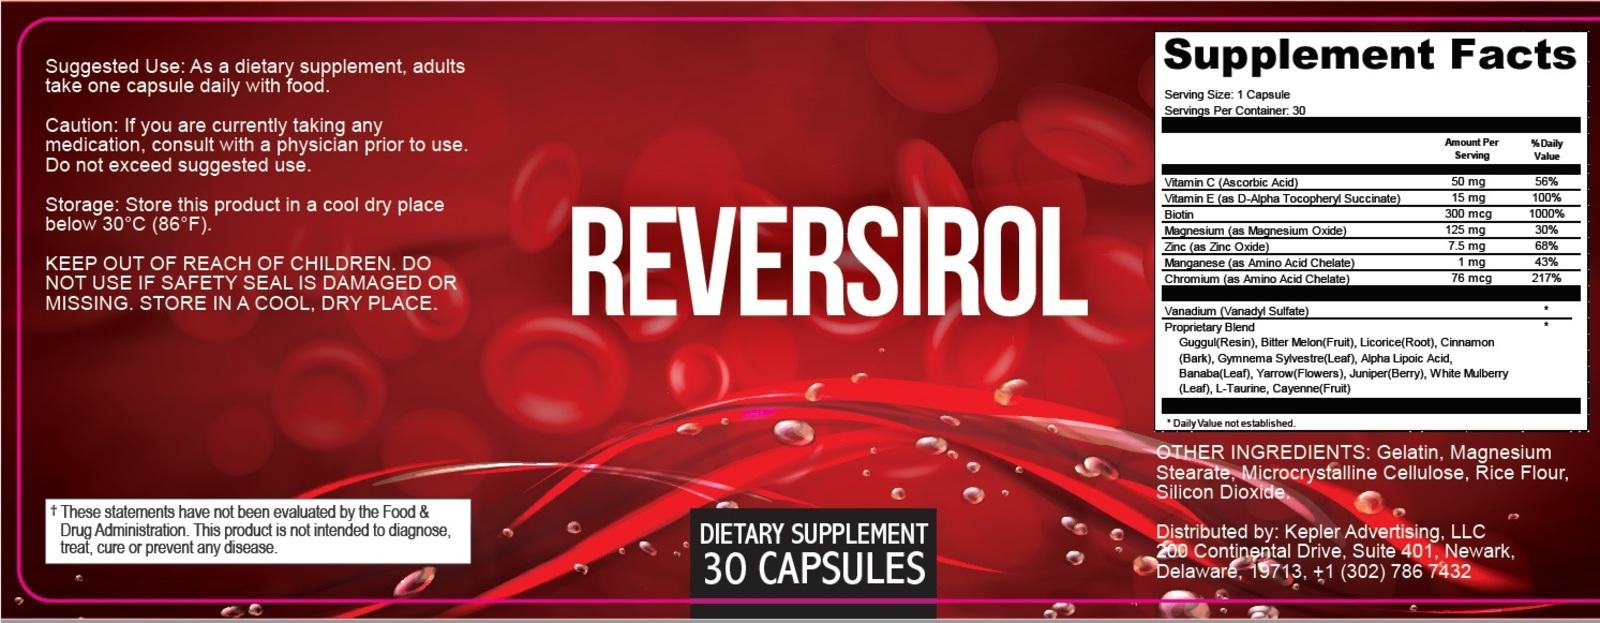 Reversirol ingredients